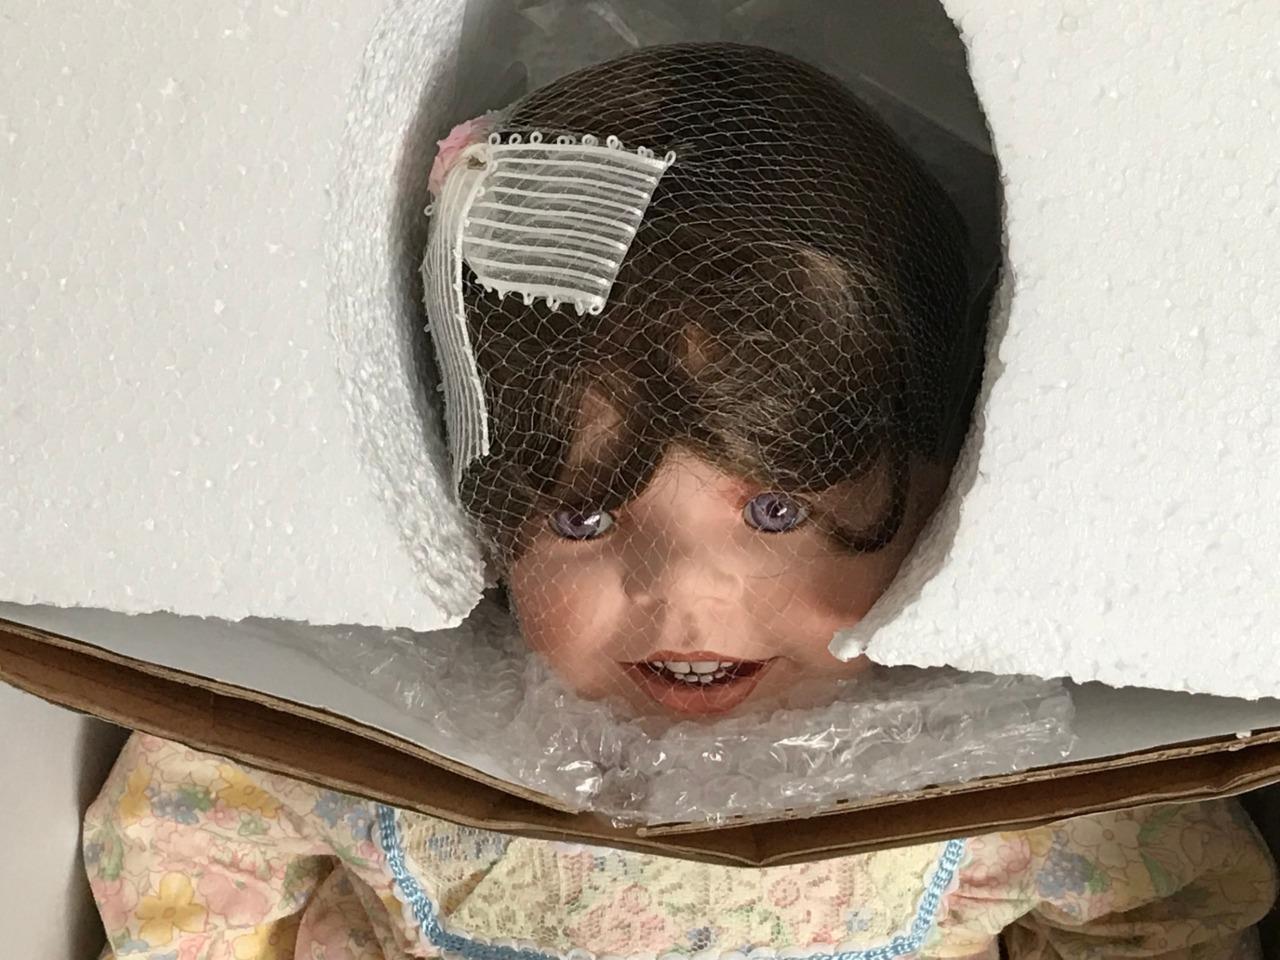 Artist Damenschuhe RuBert Porcelain Doll 23